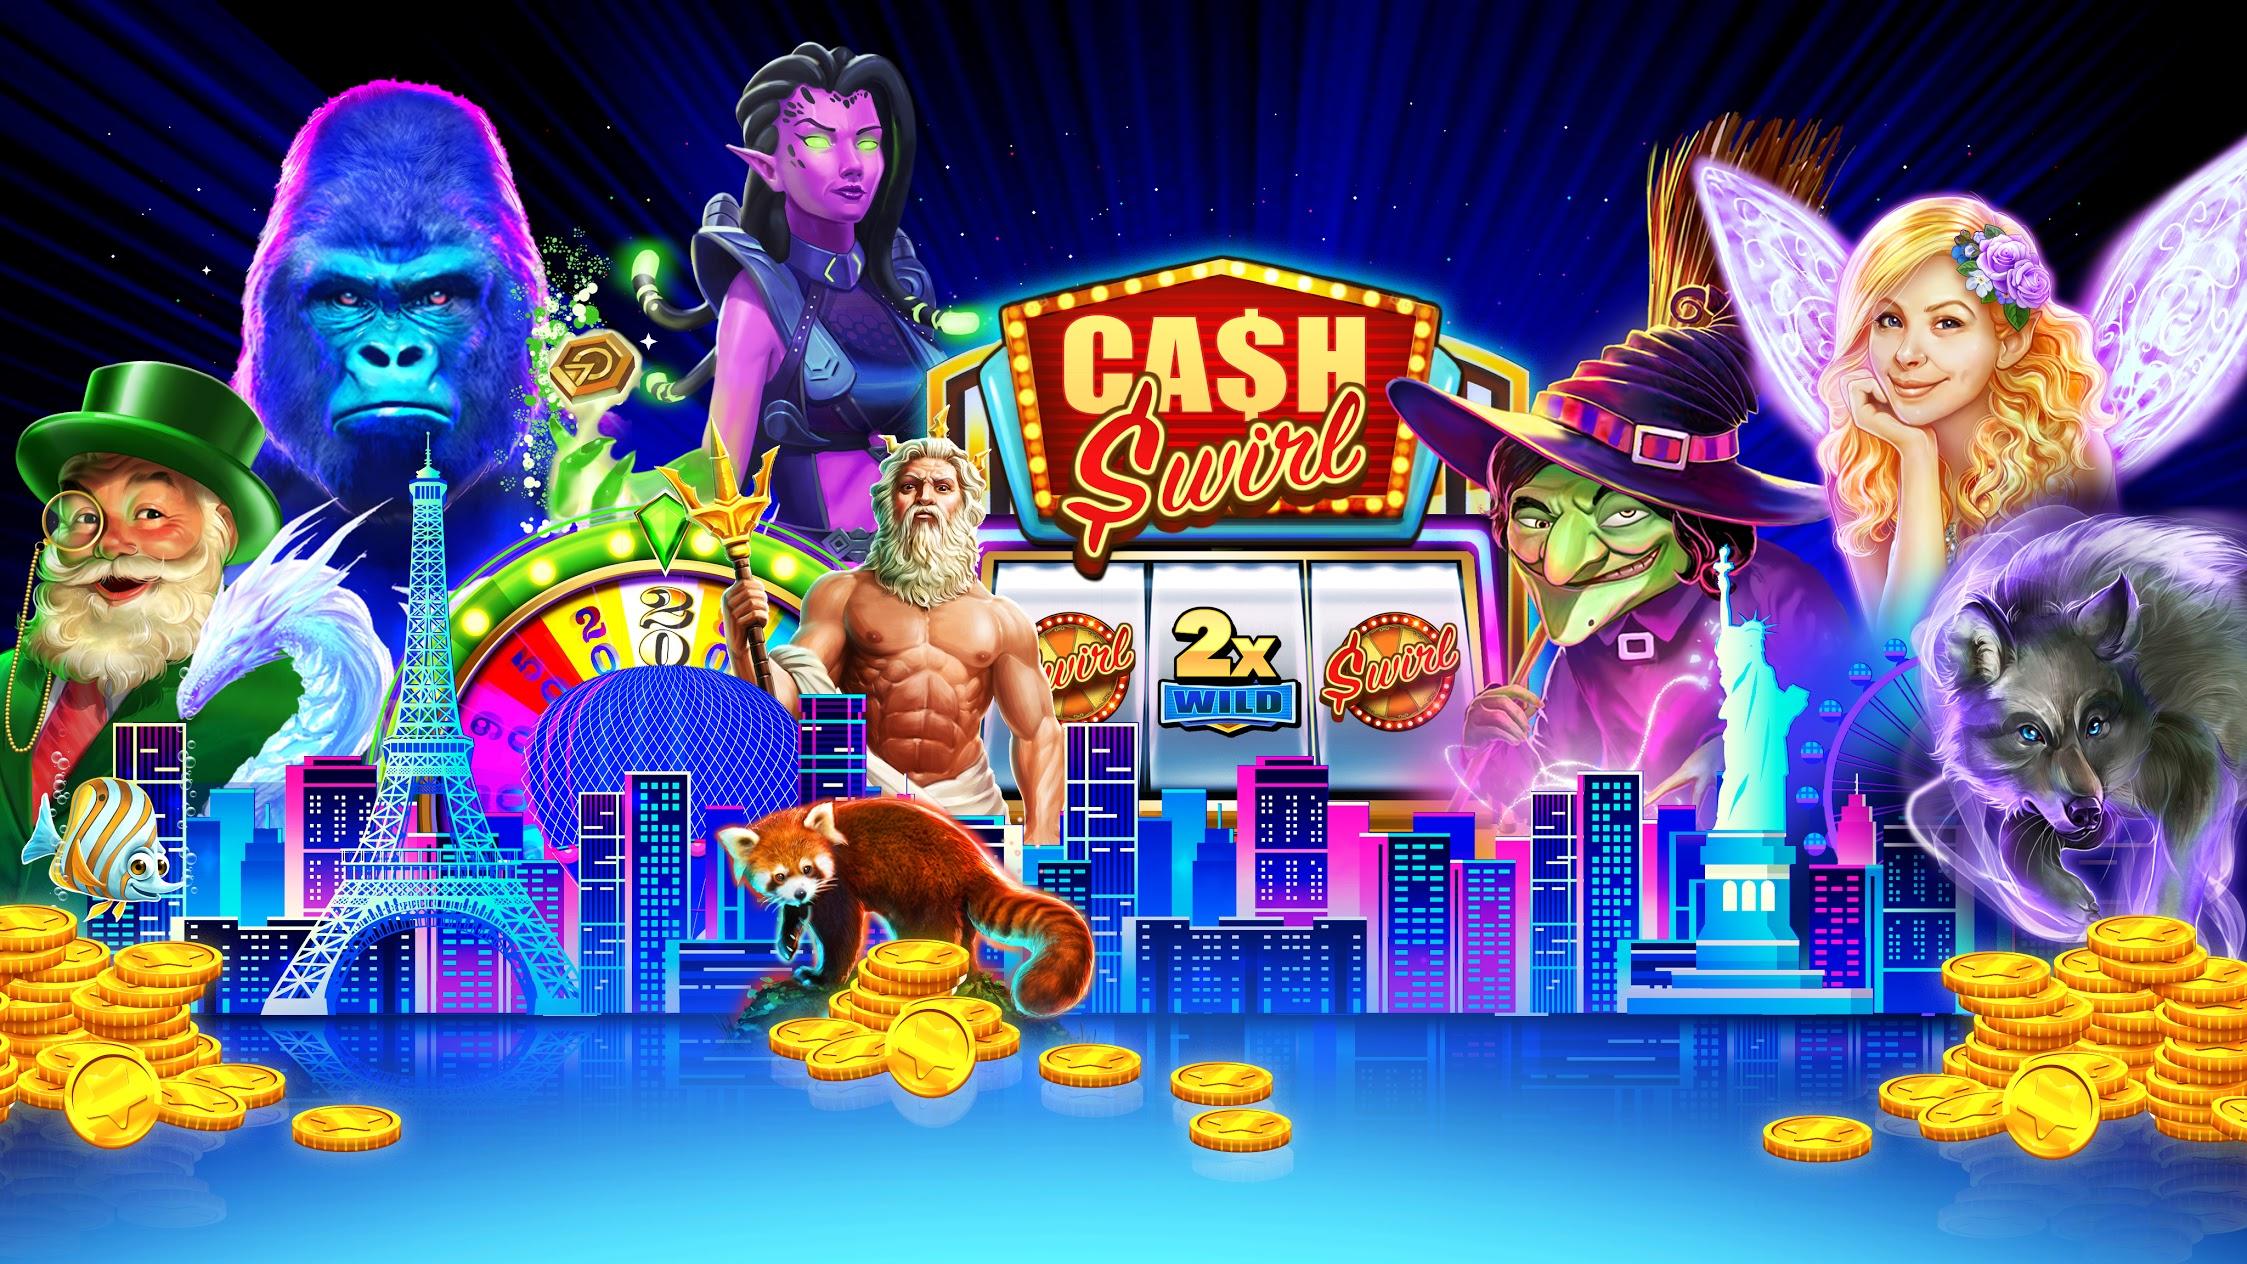 Игры в браузере против загружаемых приложений для азартных игр